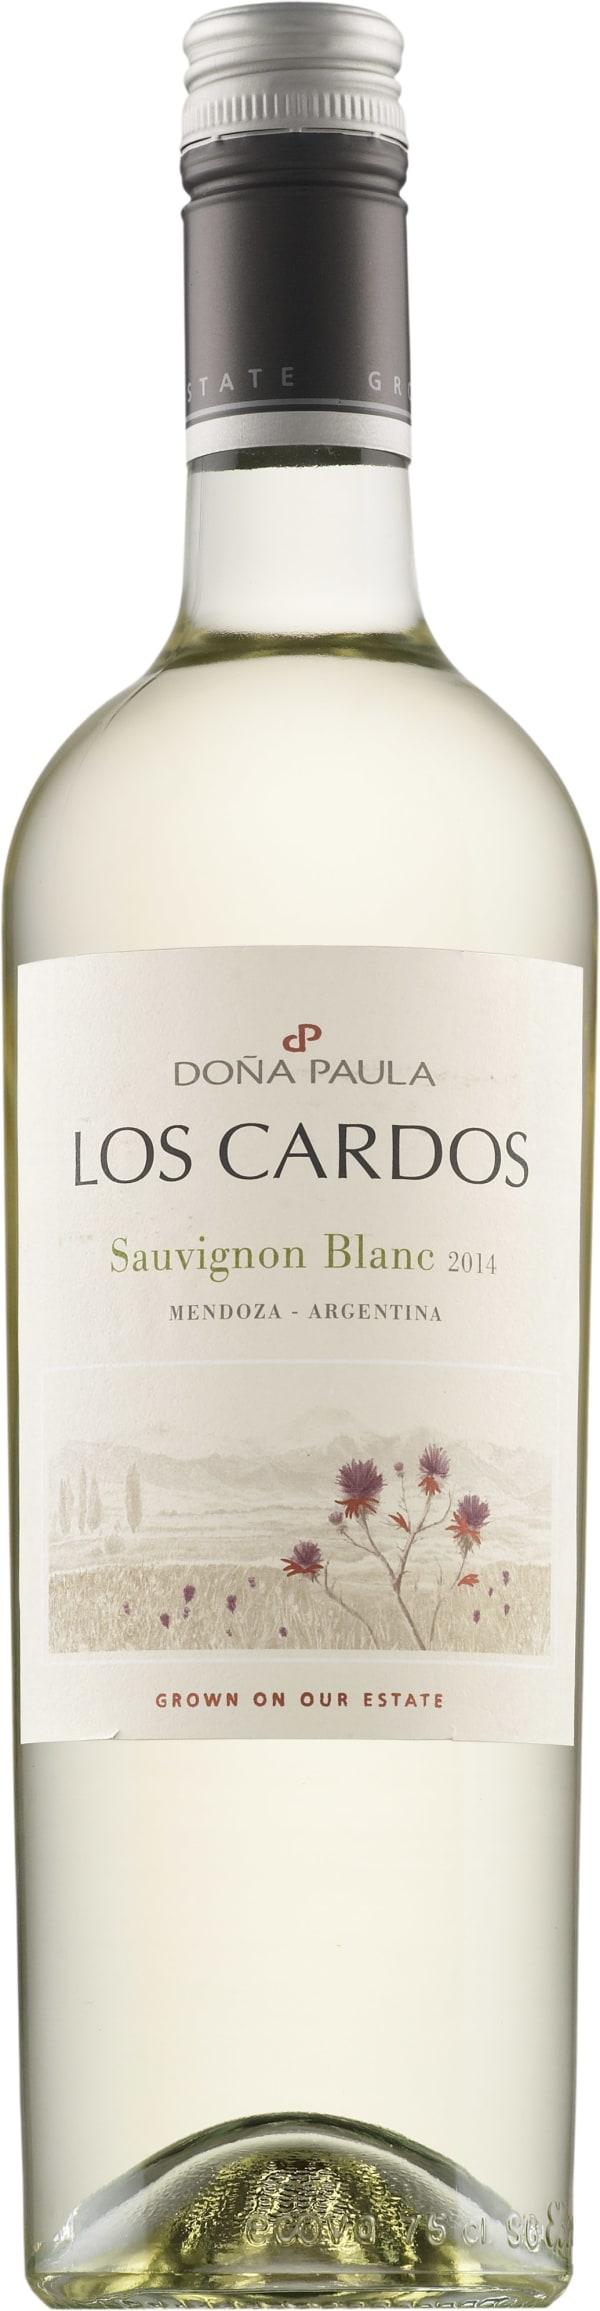 Doña Paula Los Cardos Sauvignon Blanc 2016